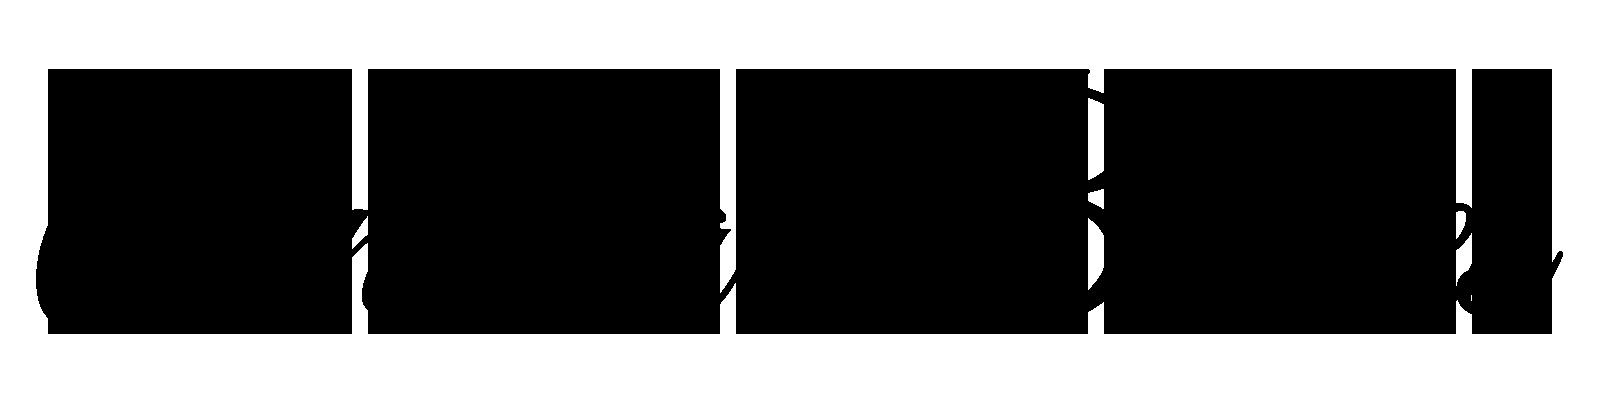 Ainhoa Batres